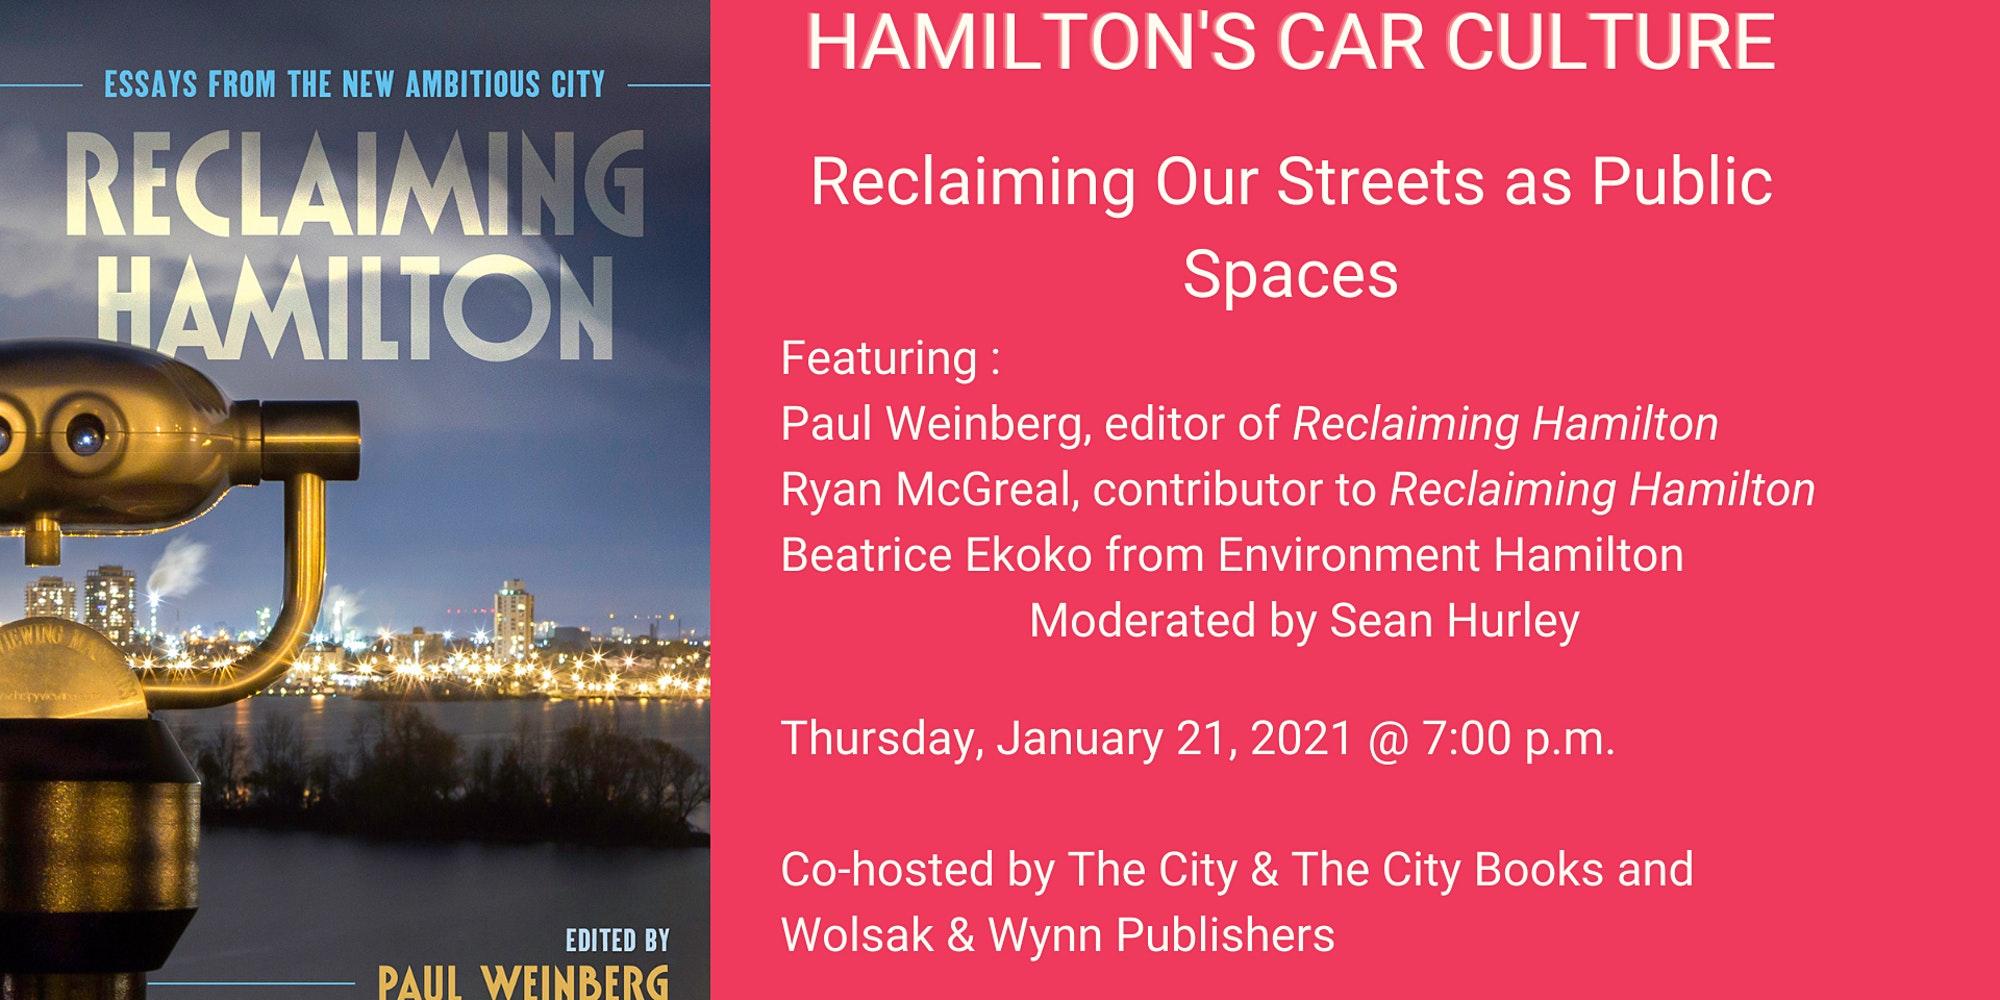 Hamilton's Car Culture